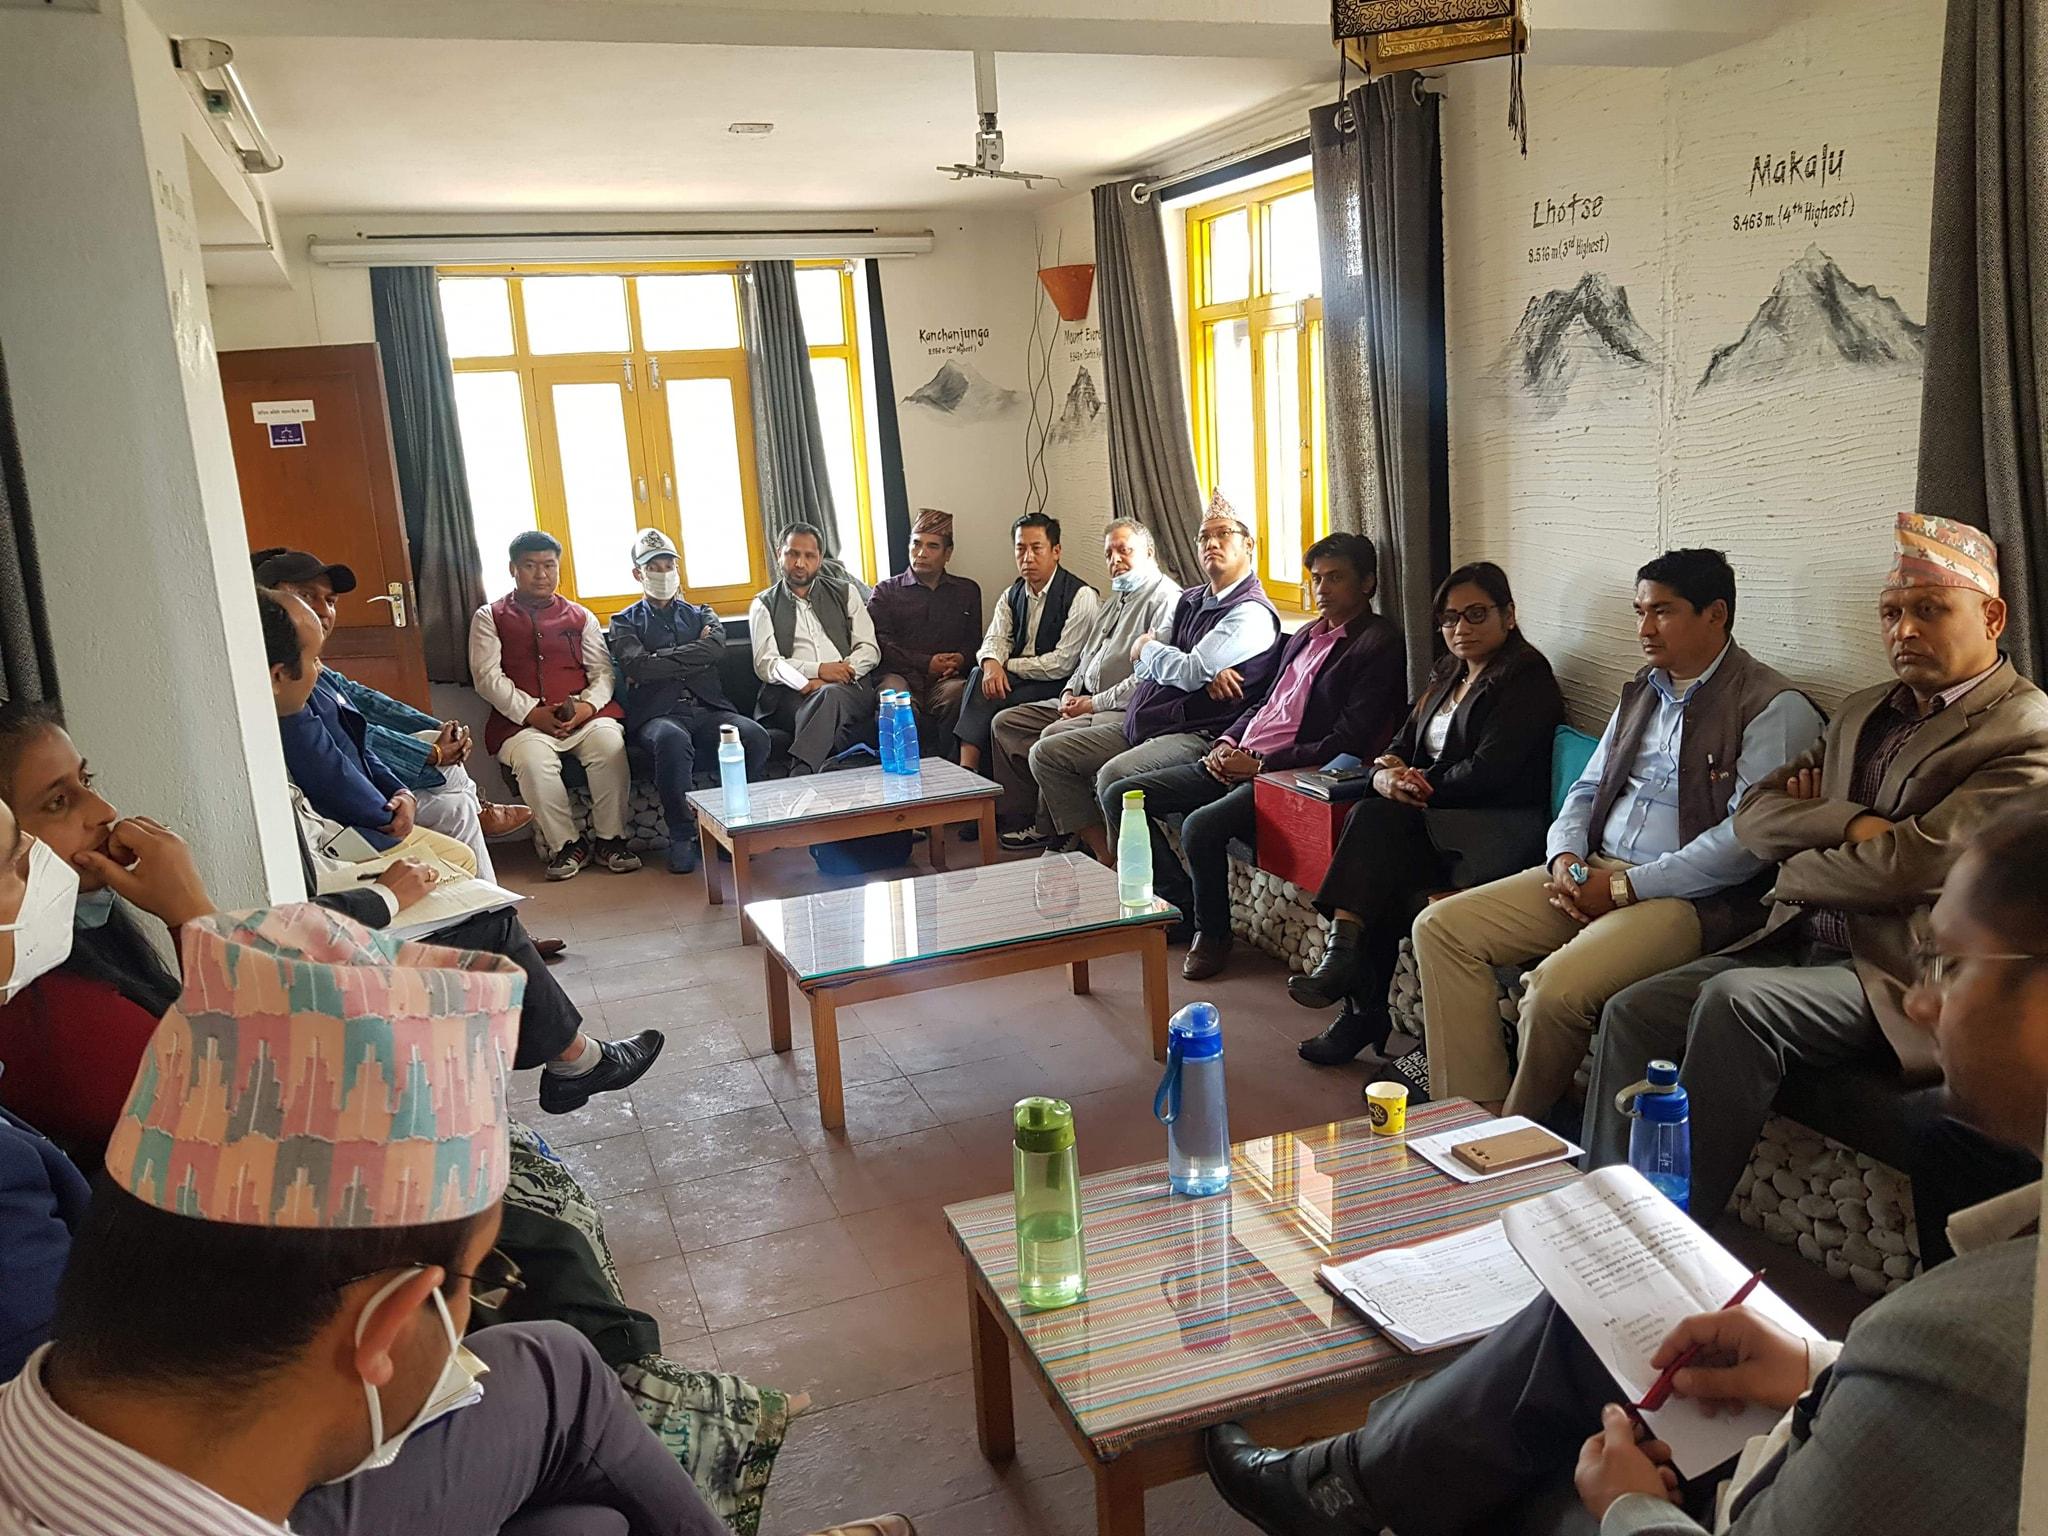 स्थानीय तहको निर्वाचनमा चुनाव चिन्ह दिन विवेकशीलसहित साना १३ दलको माग